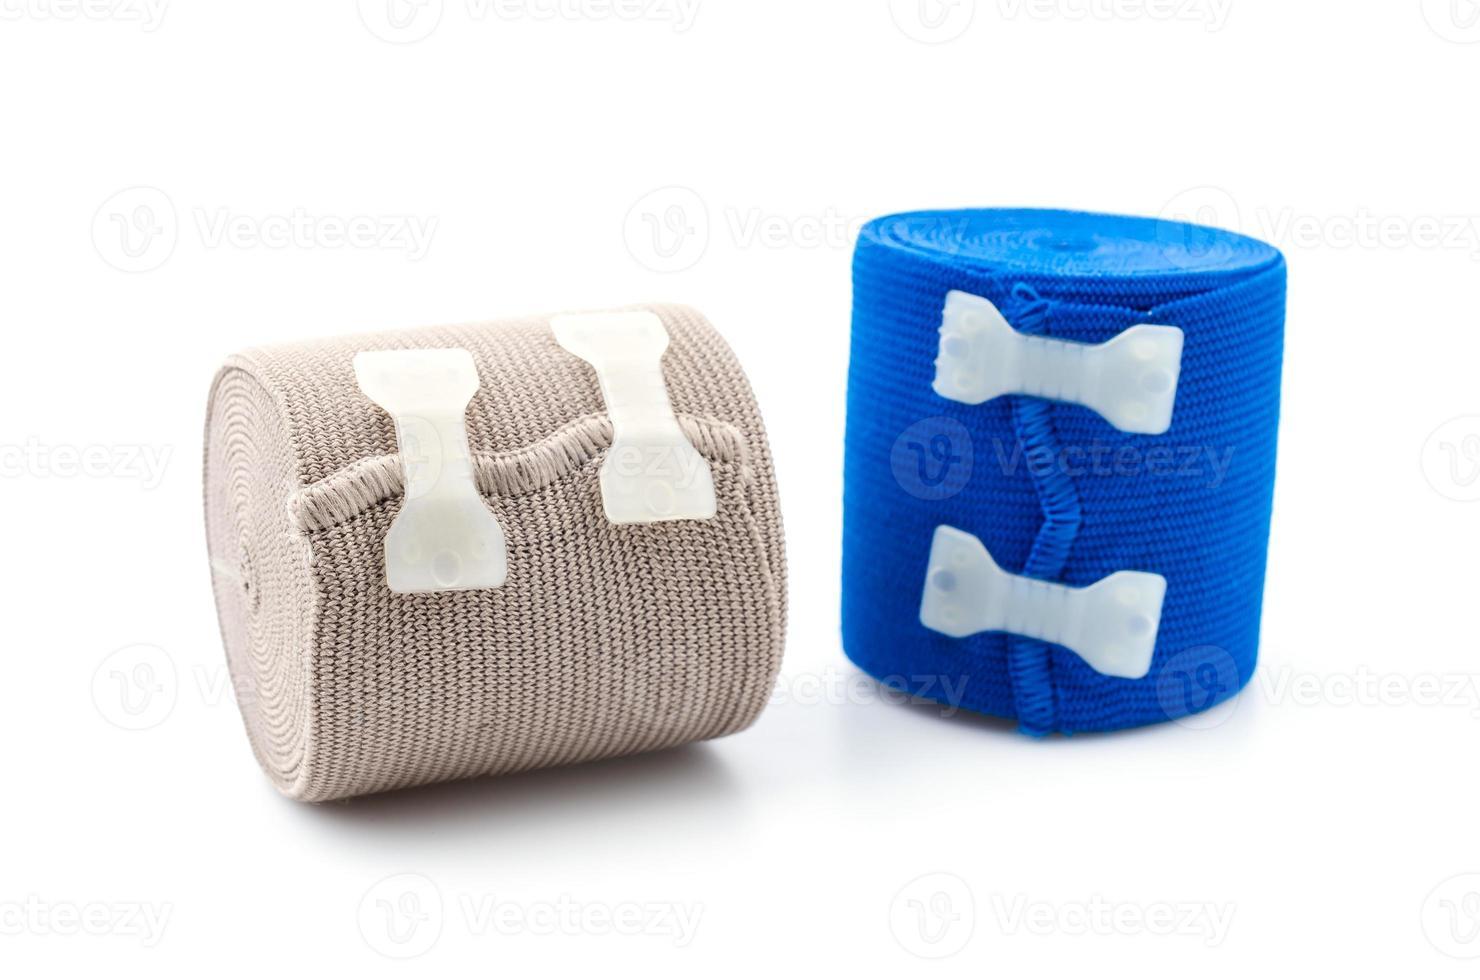 bandagem elástica isolado fundo branco foto